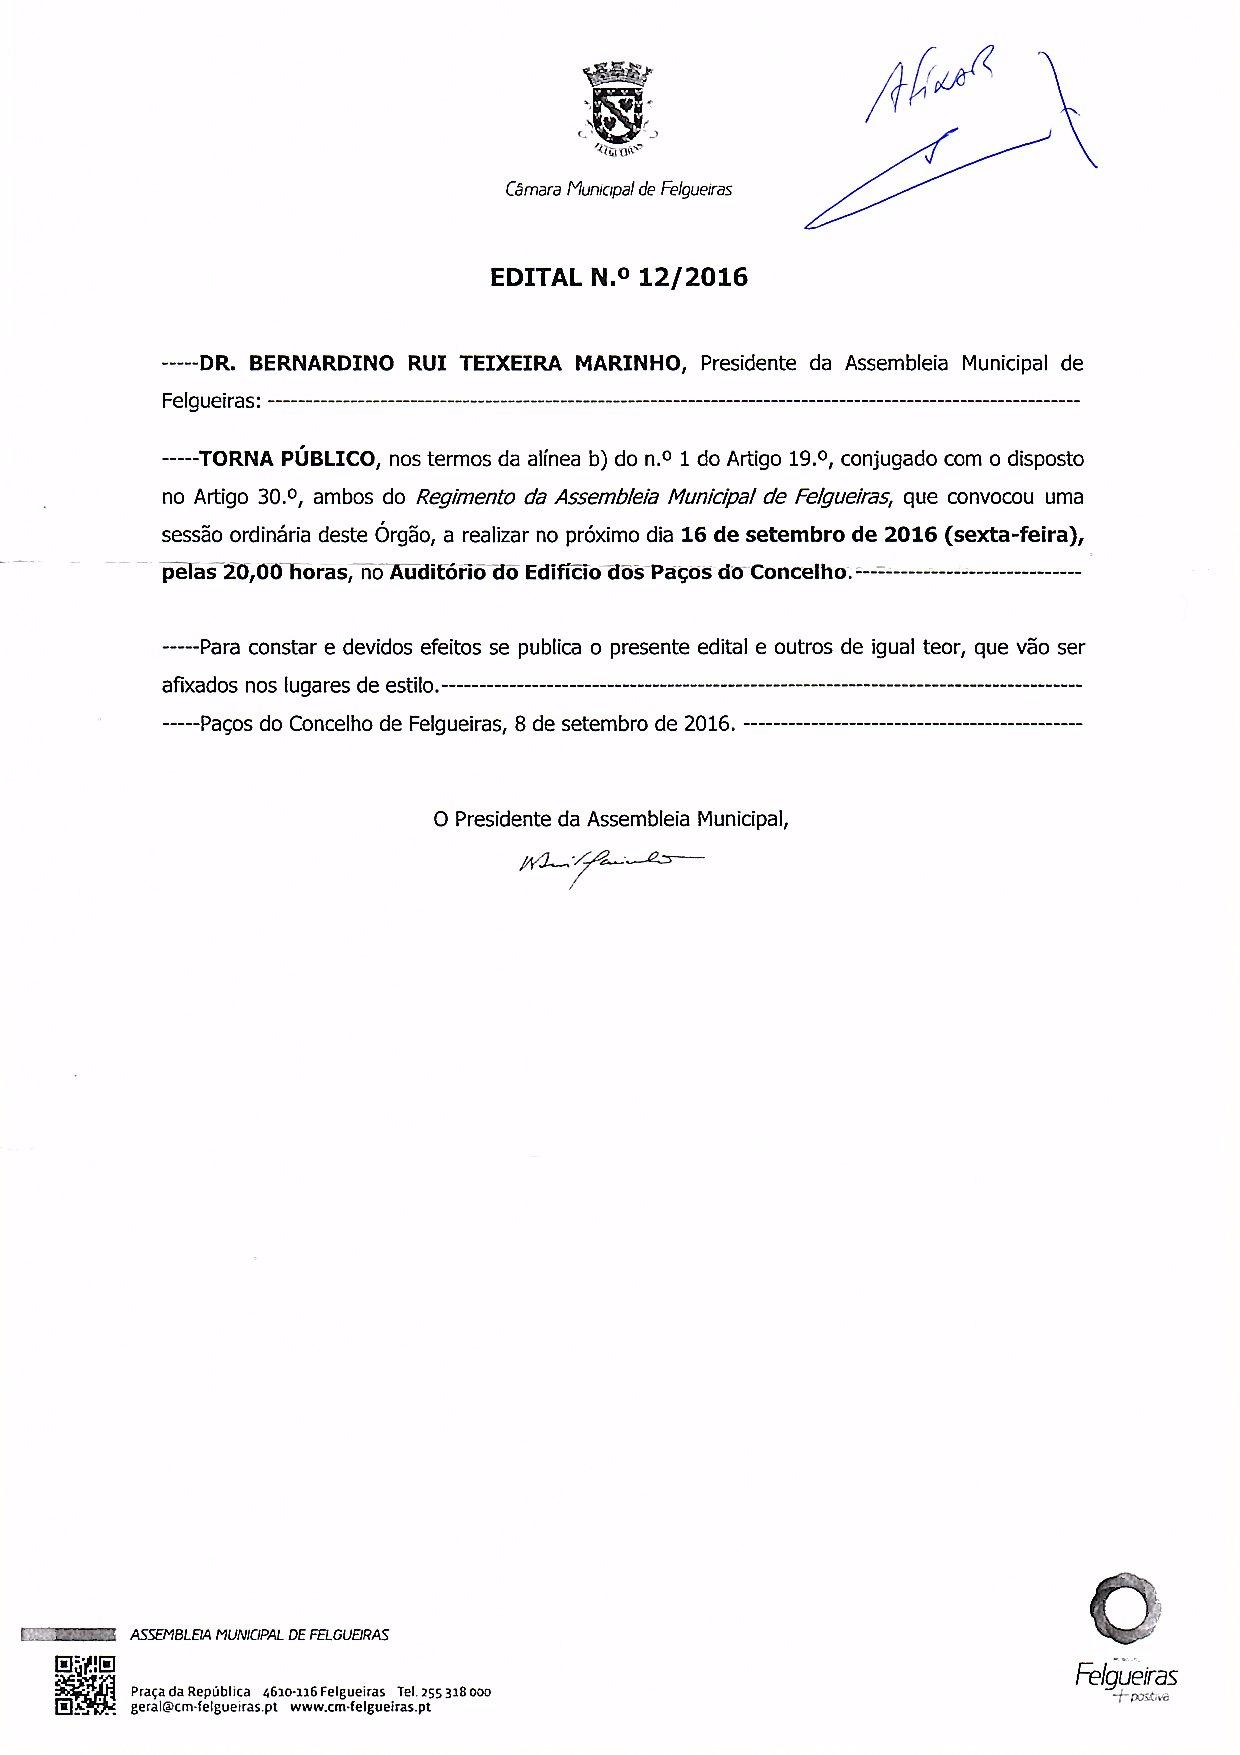 edital-no-12_2016-assembleia-municipal-de-felcgueiras